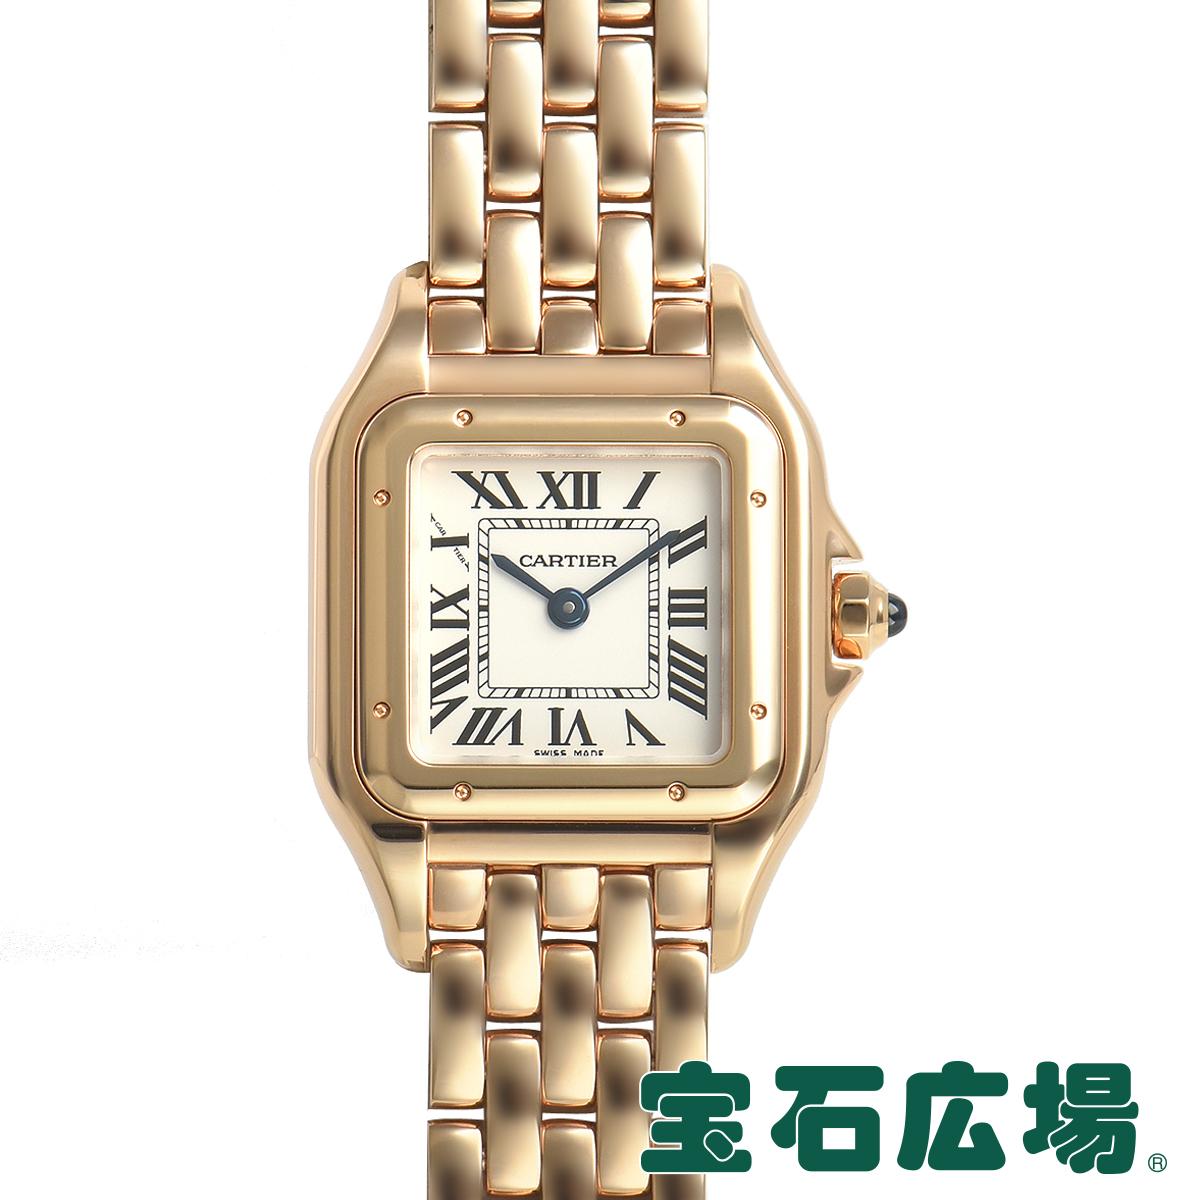 カルティエ CARTIER パンテール ドゥ カルティエ SM WGPN0006【新品】レディース 腕時計 送料・代引手数料無料